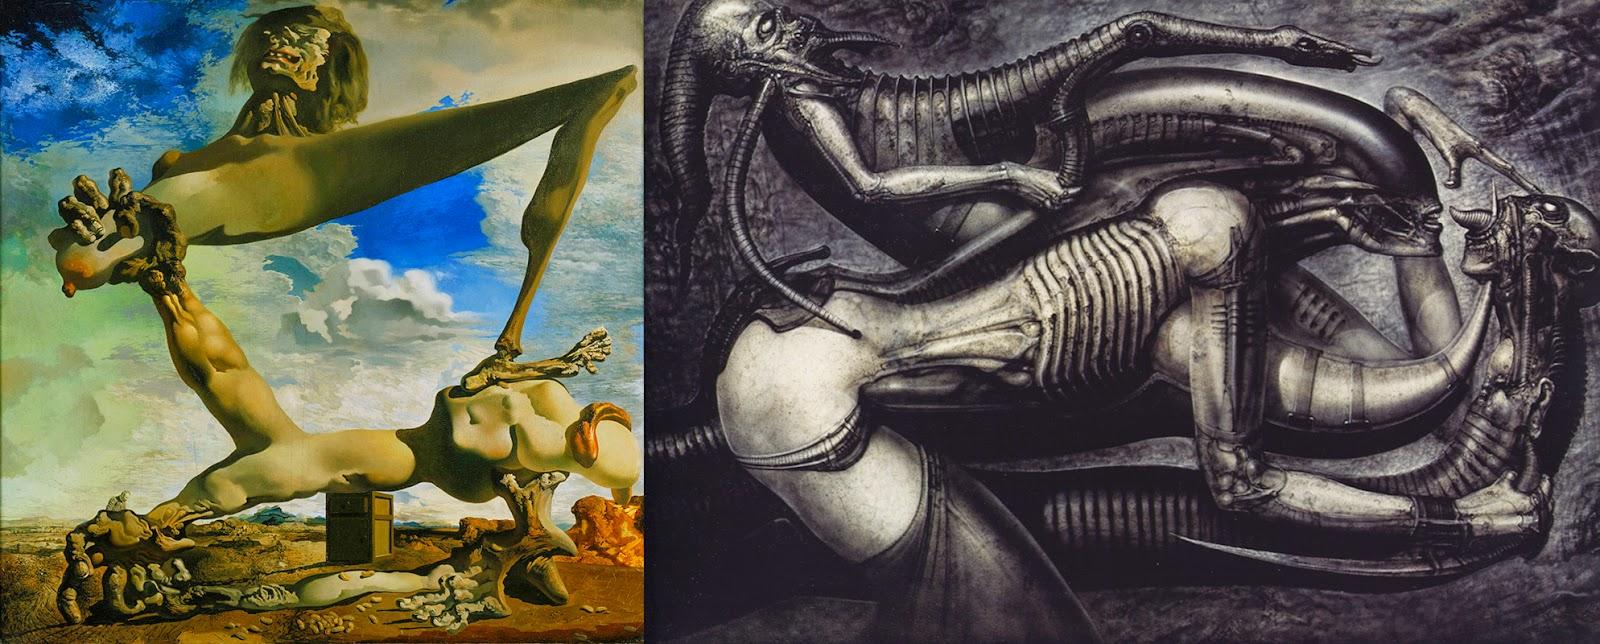 7 obras de arte tão perturbadoras que vão assombrar seus pesadelos